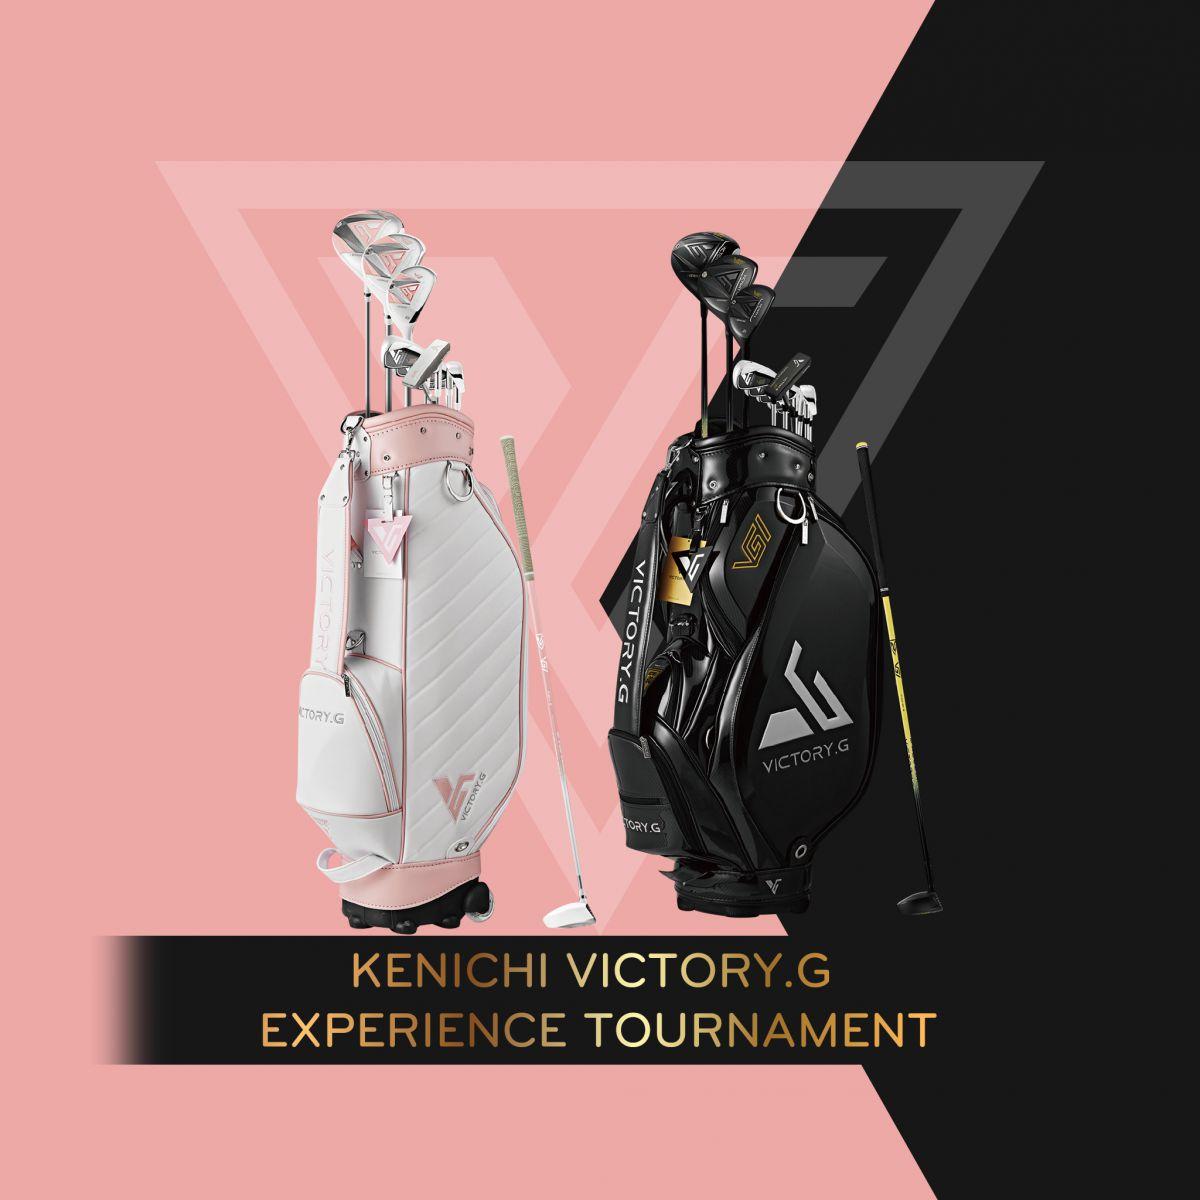 [BREAKING NEWS] Lần đầu GolfGroup tổ chức giải đấu nhân dịp ra mắt siêu phẩm Kenichi Victory.G